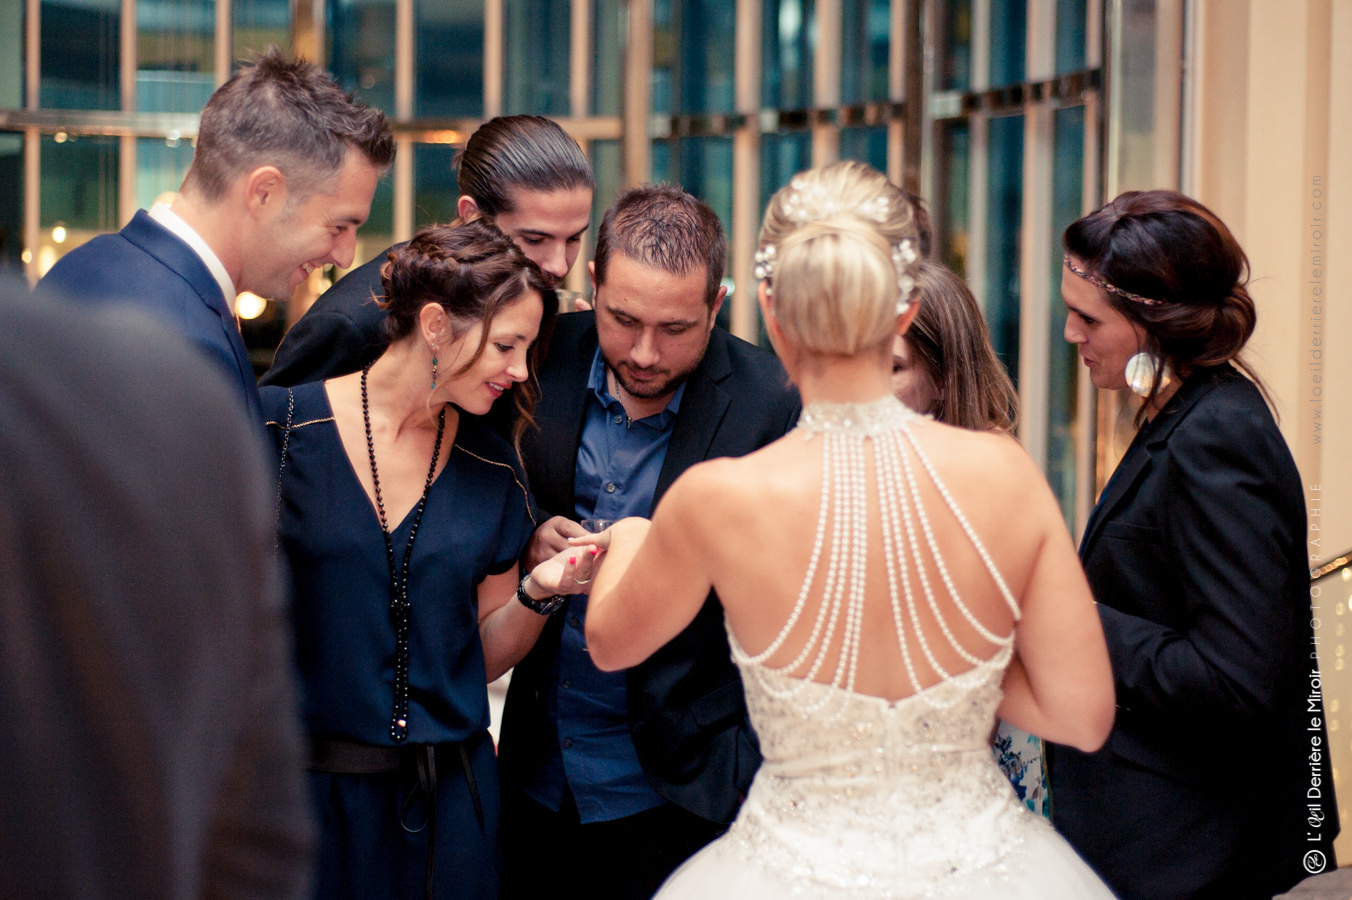 Photographe-mariage-monaco-loeilderrierelemiroir-072